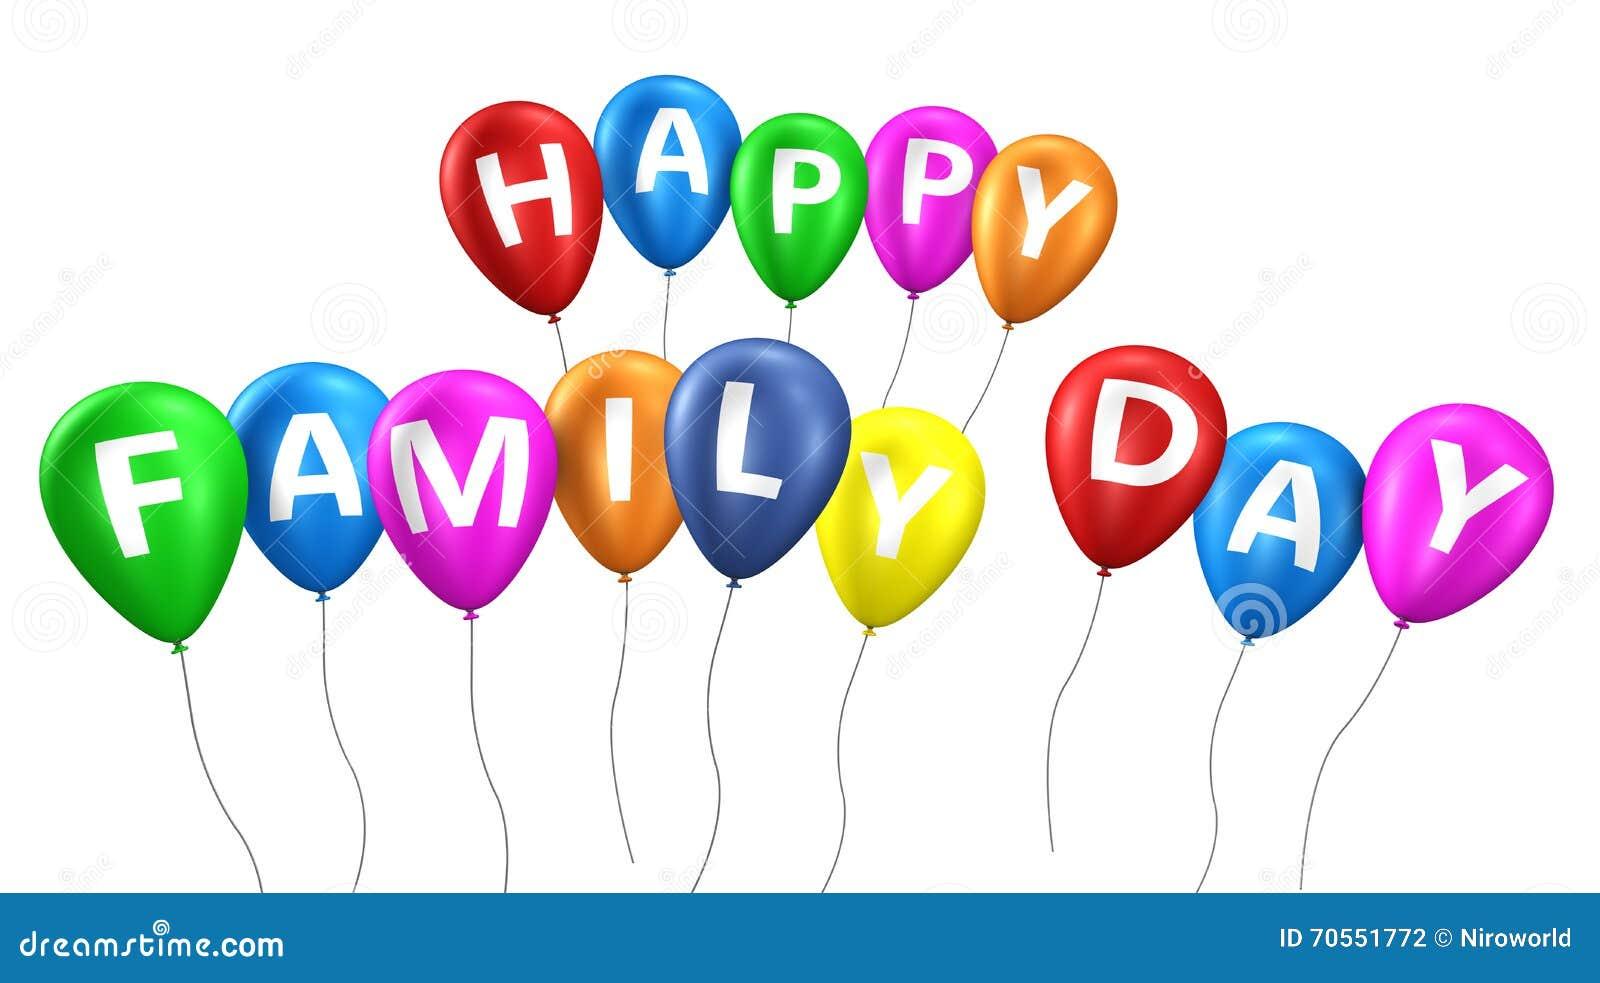 Happy Family Day Balloons